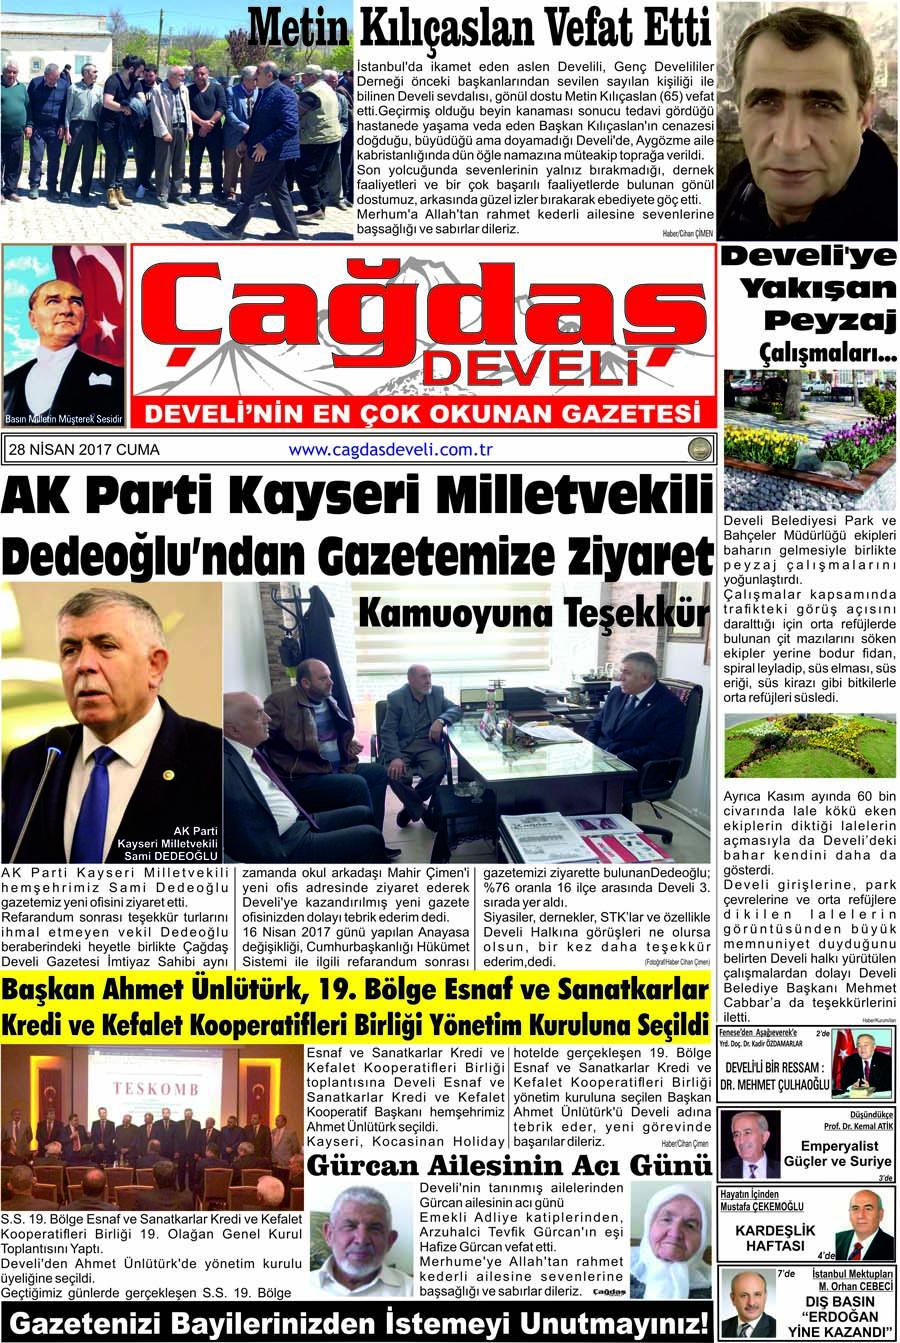 Çağdaş Develi Gazetesi, 28 Nisan 2017, Sayfa 1